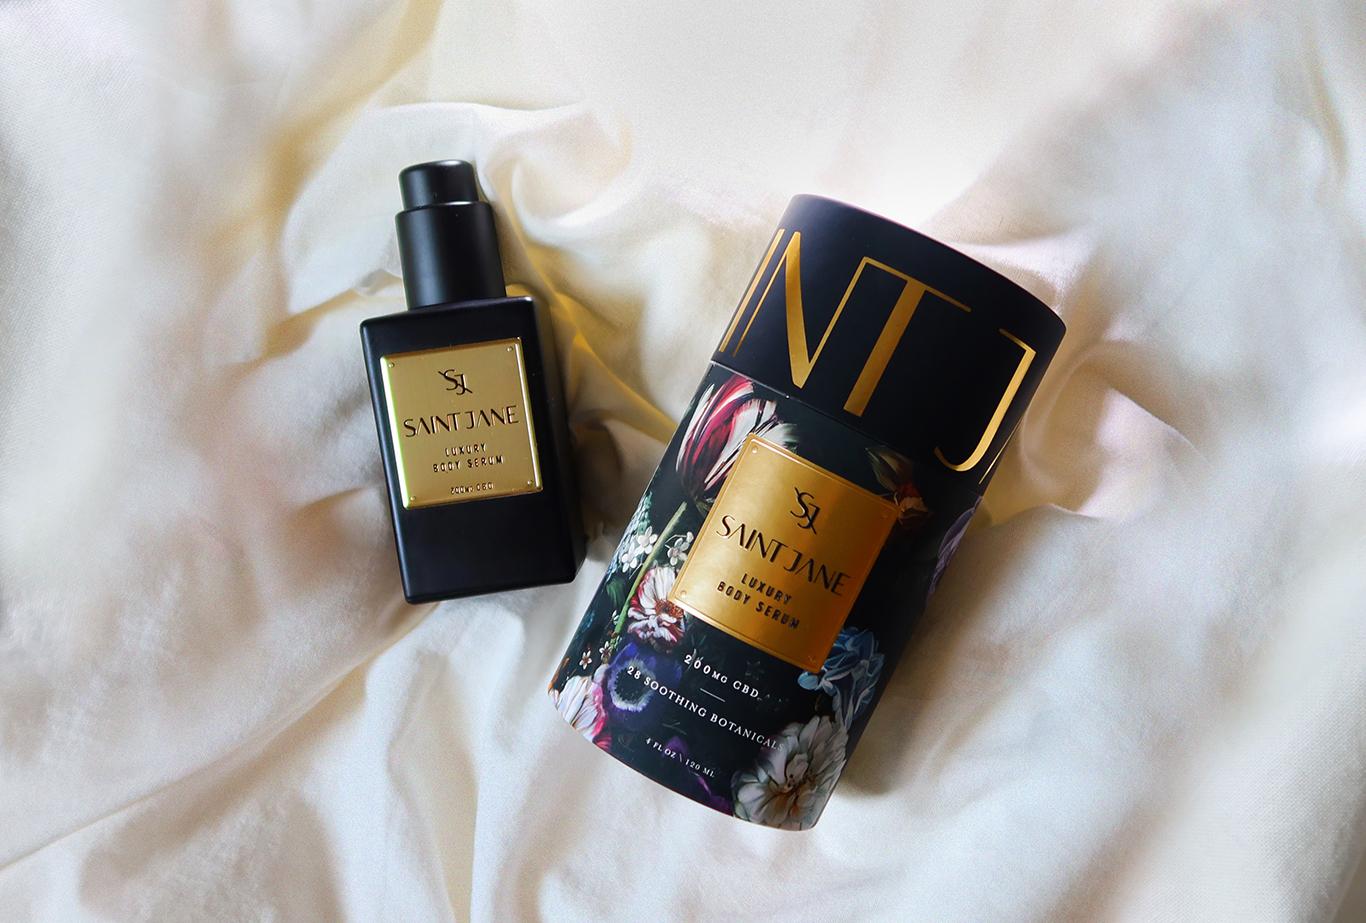 Saint Jane Luxury Body Serum